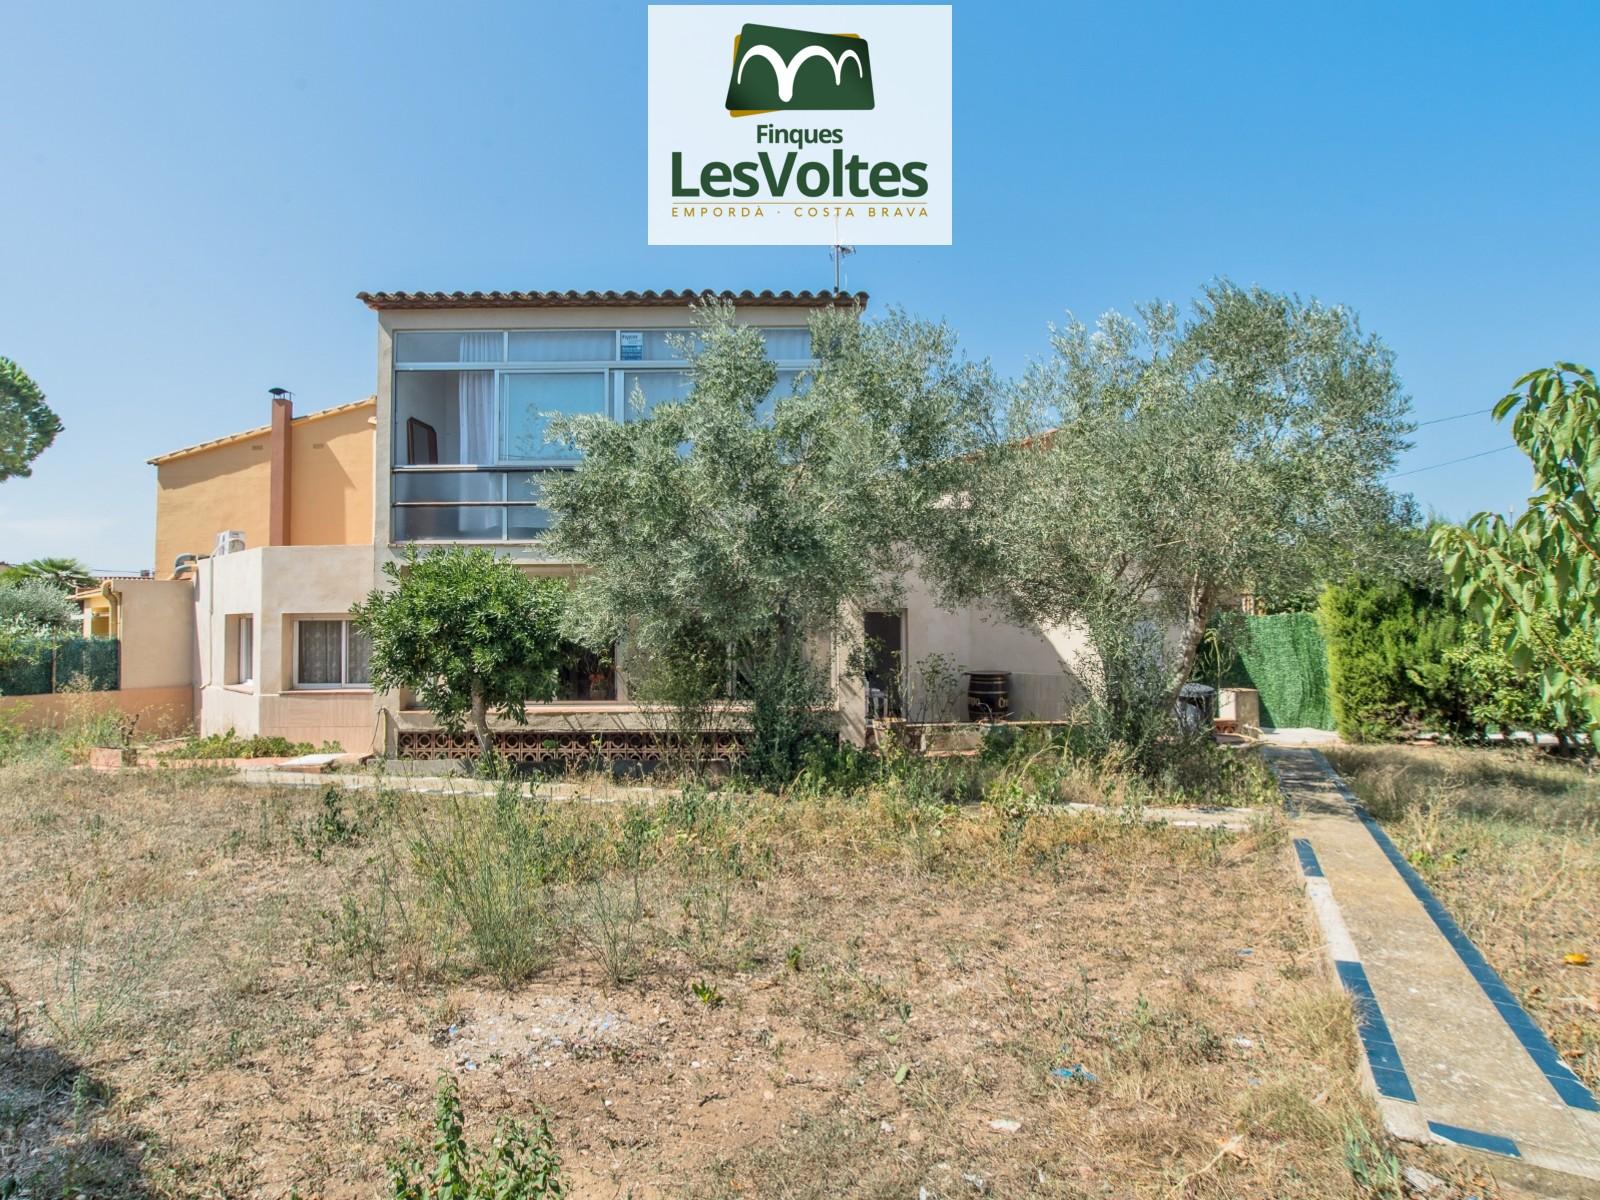 Àmplia casa en venda a Esclanyà. Zona residencial molt tranquil·la.